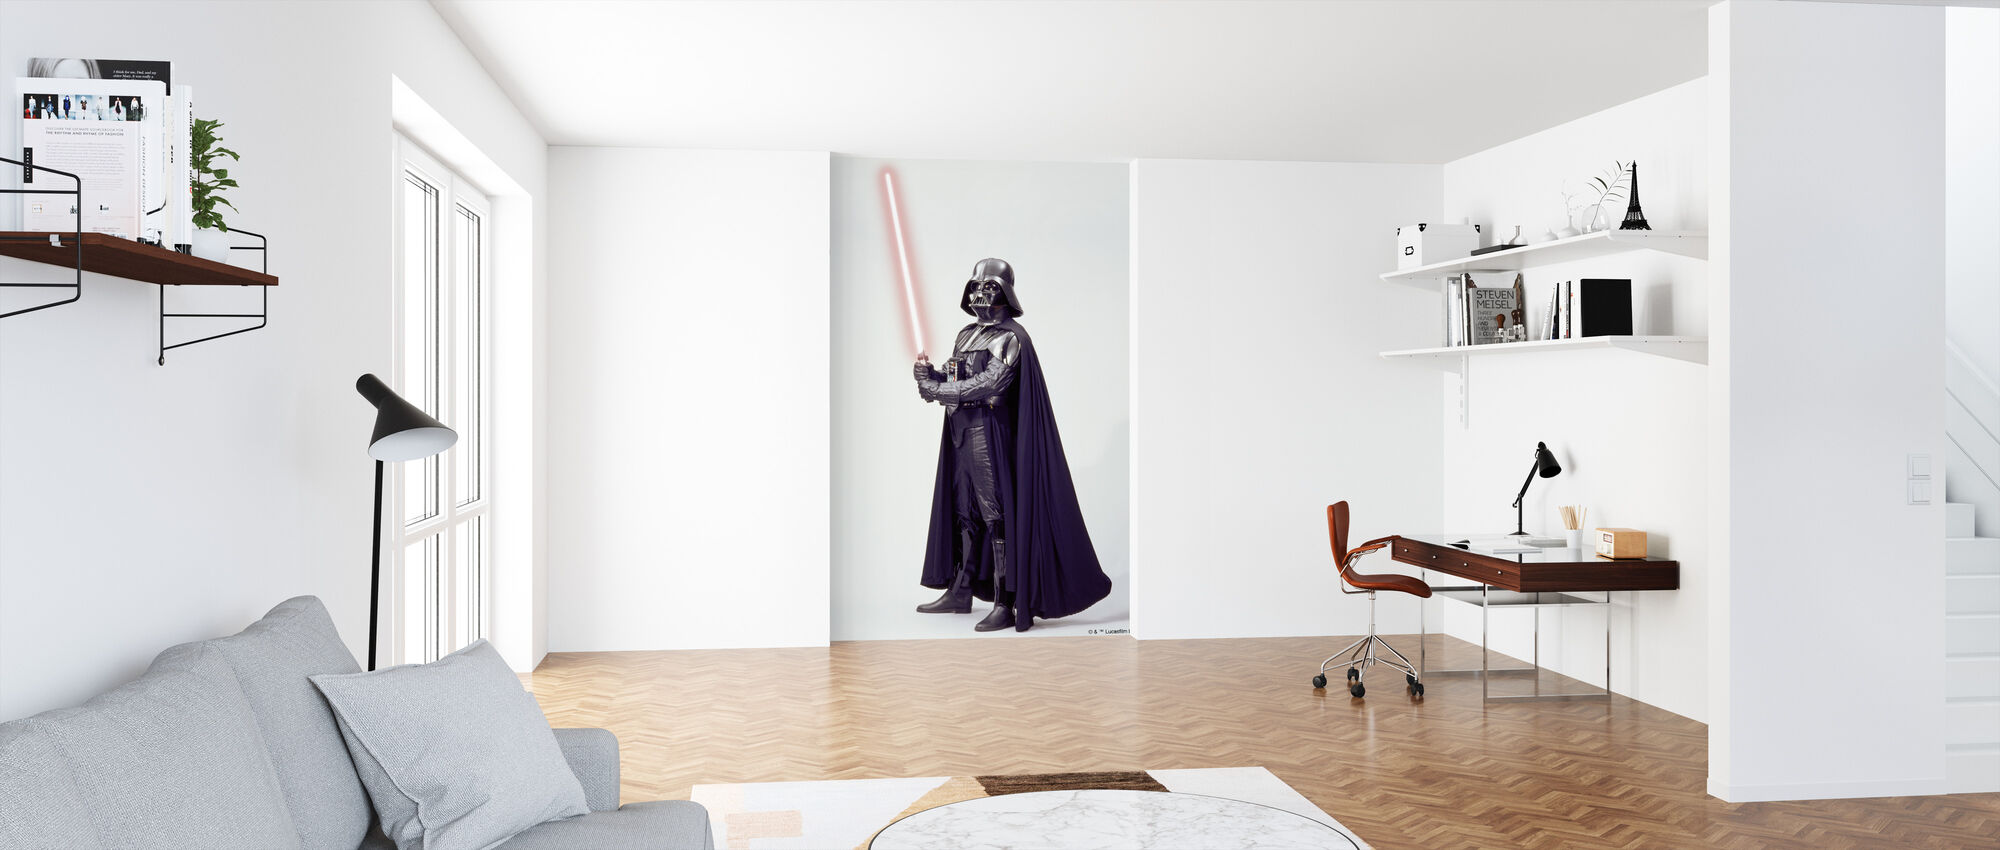 Star Wars - Darth Vader Lightsaber 1 - Tapet - Kontor